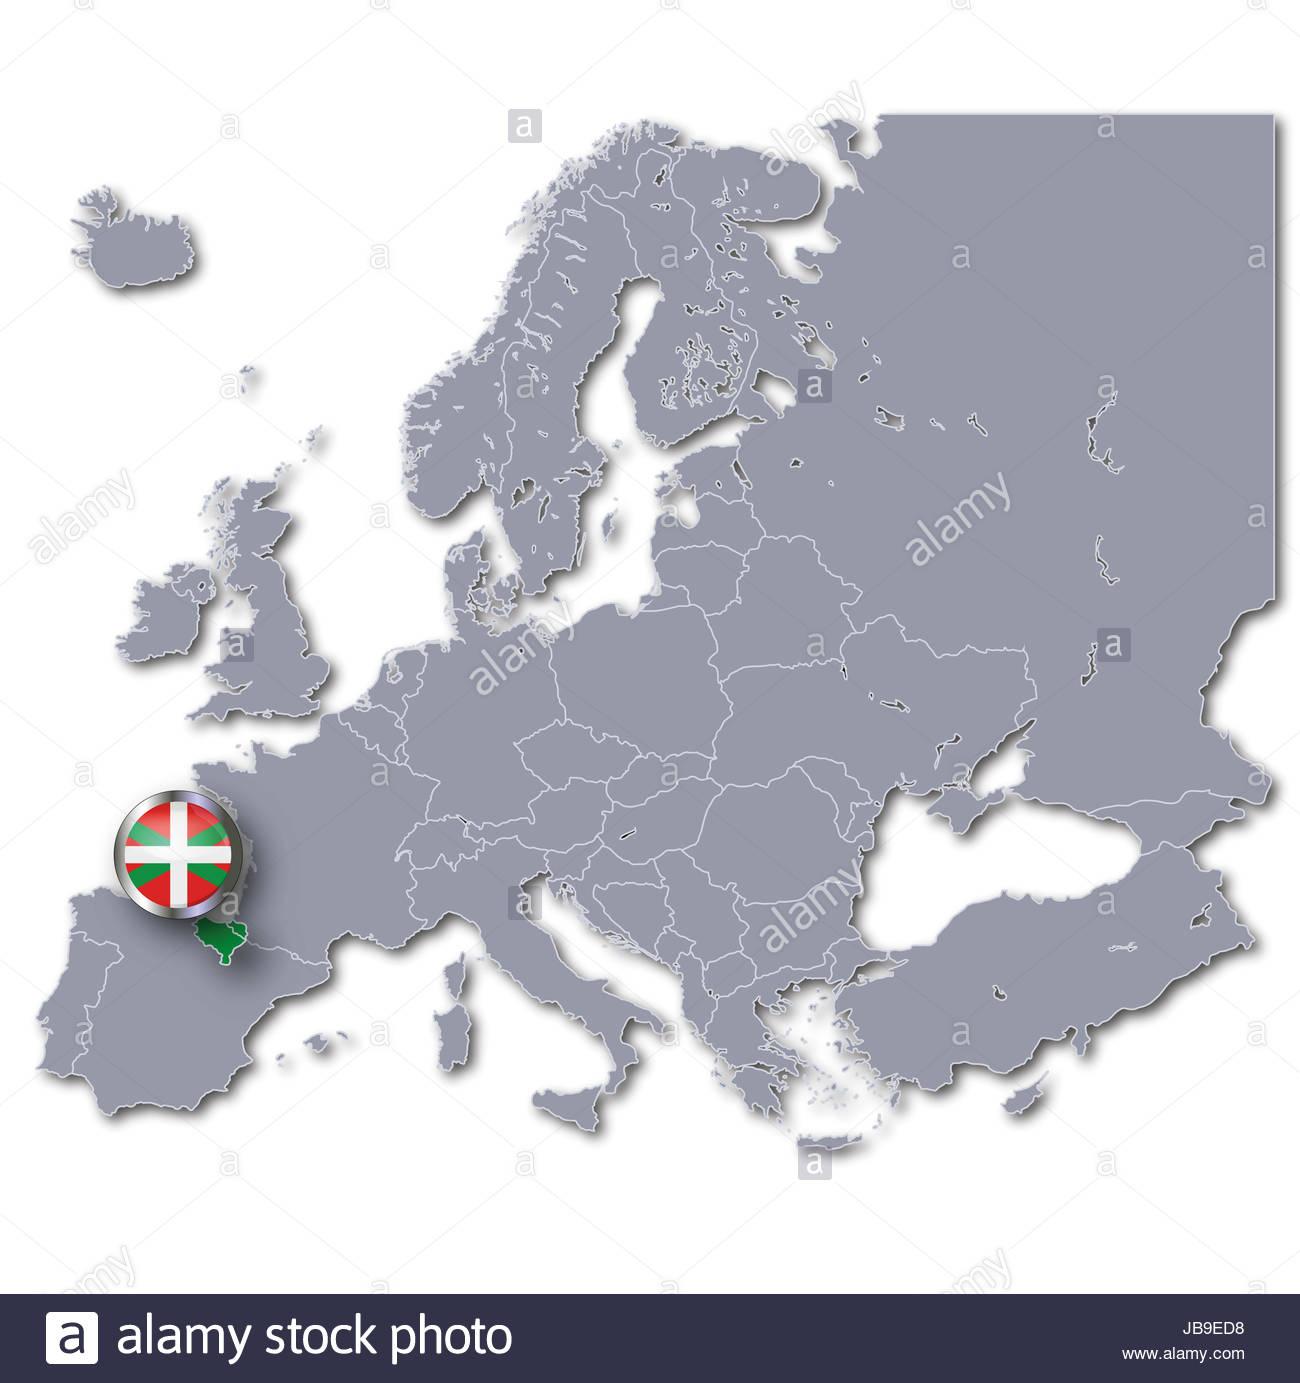 Carte De L'europe Avec Pays Basque Banque D'images, Photo concernant Carte De L Europe Avec Pays